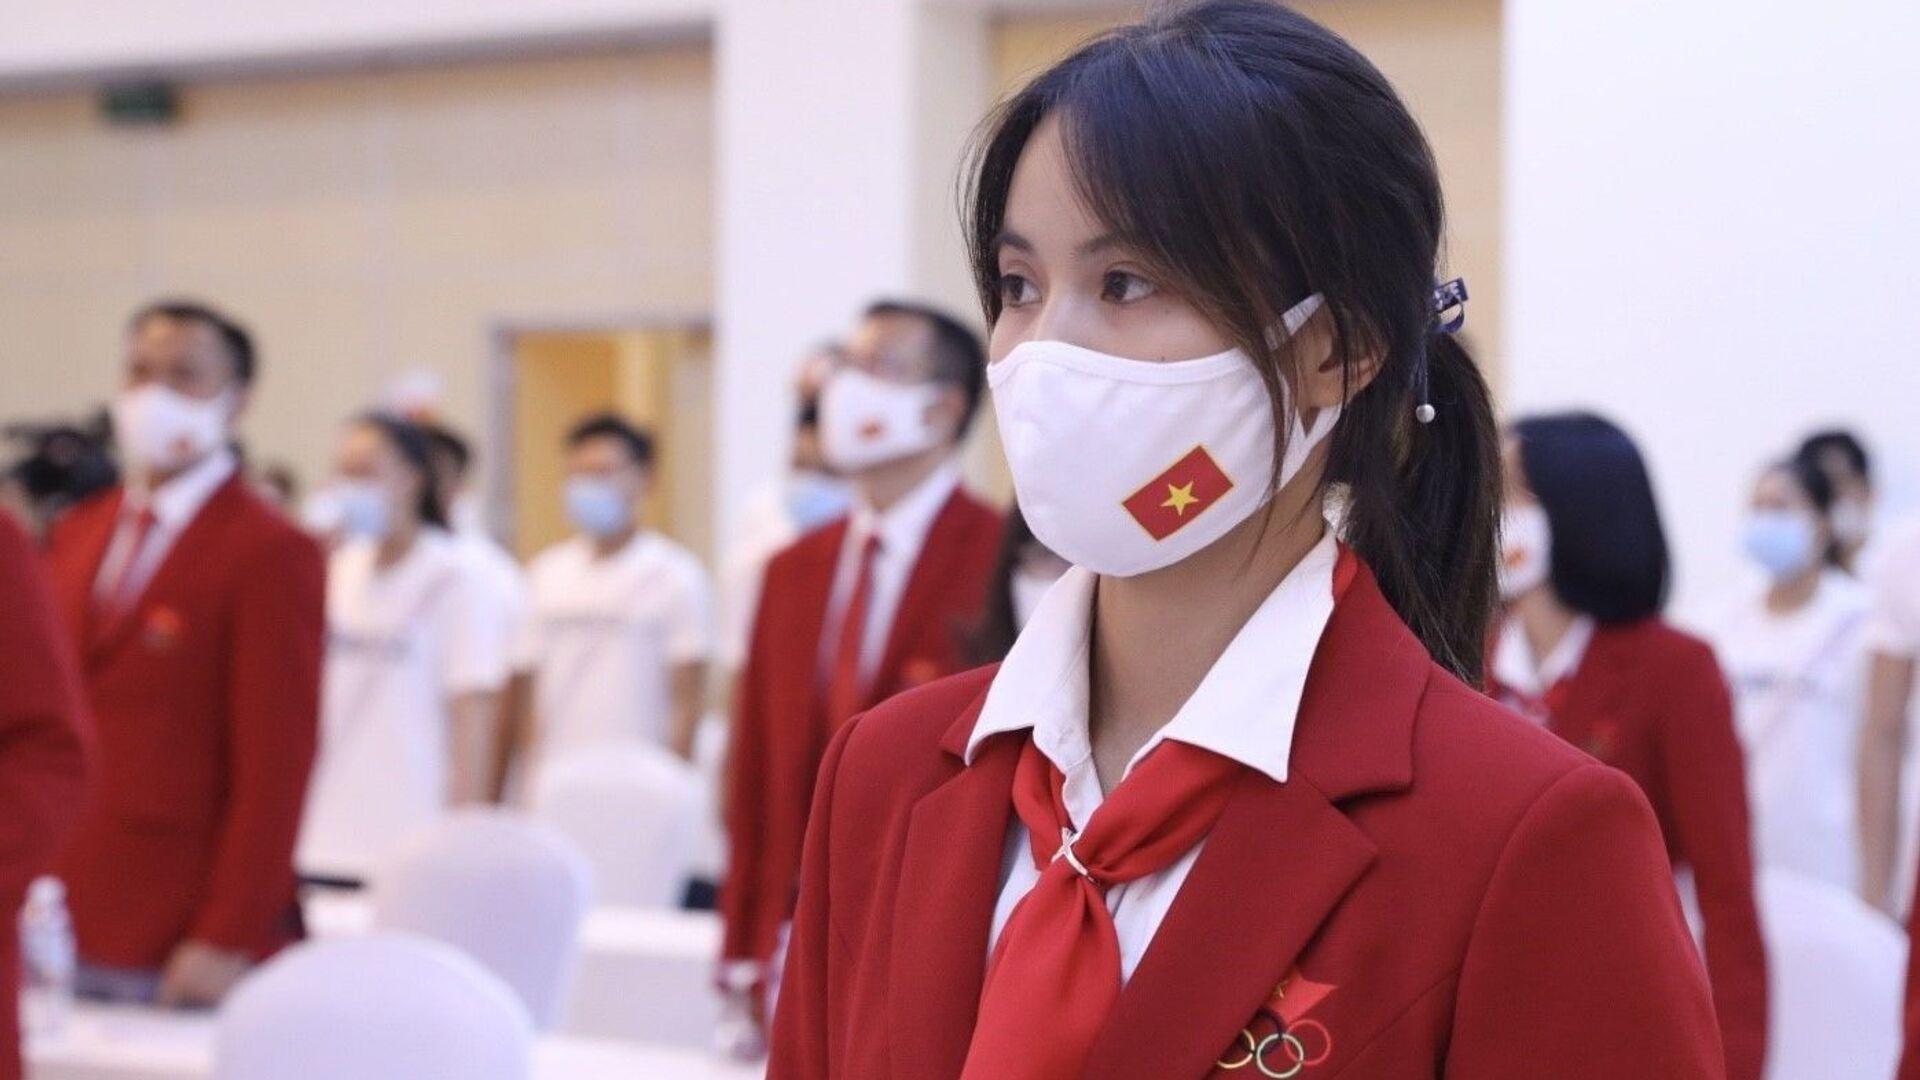 Thành viên Đoàn Thể thao Việt Nam dự Olympic Tokyo 2020 tại lễ xuất quân. - Sputnik Việt Nam, 1920, 03.08.2021